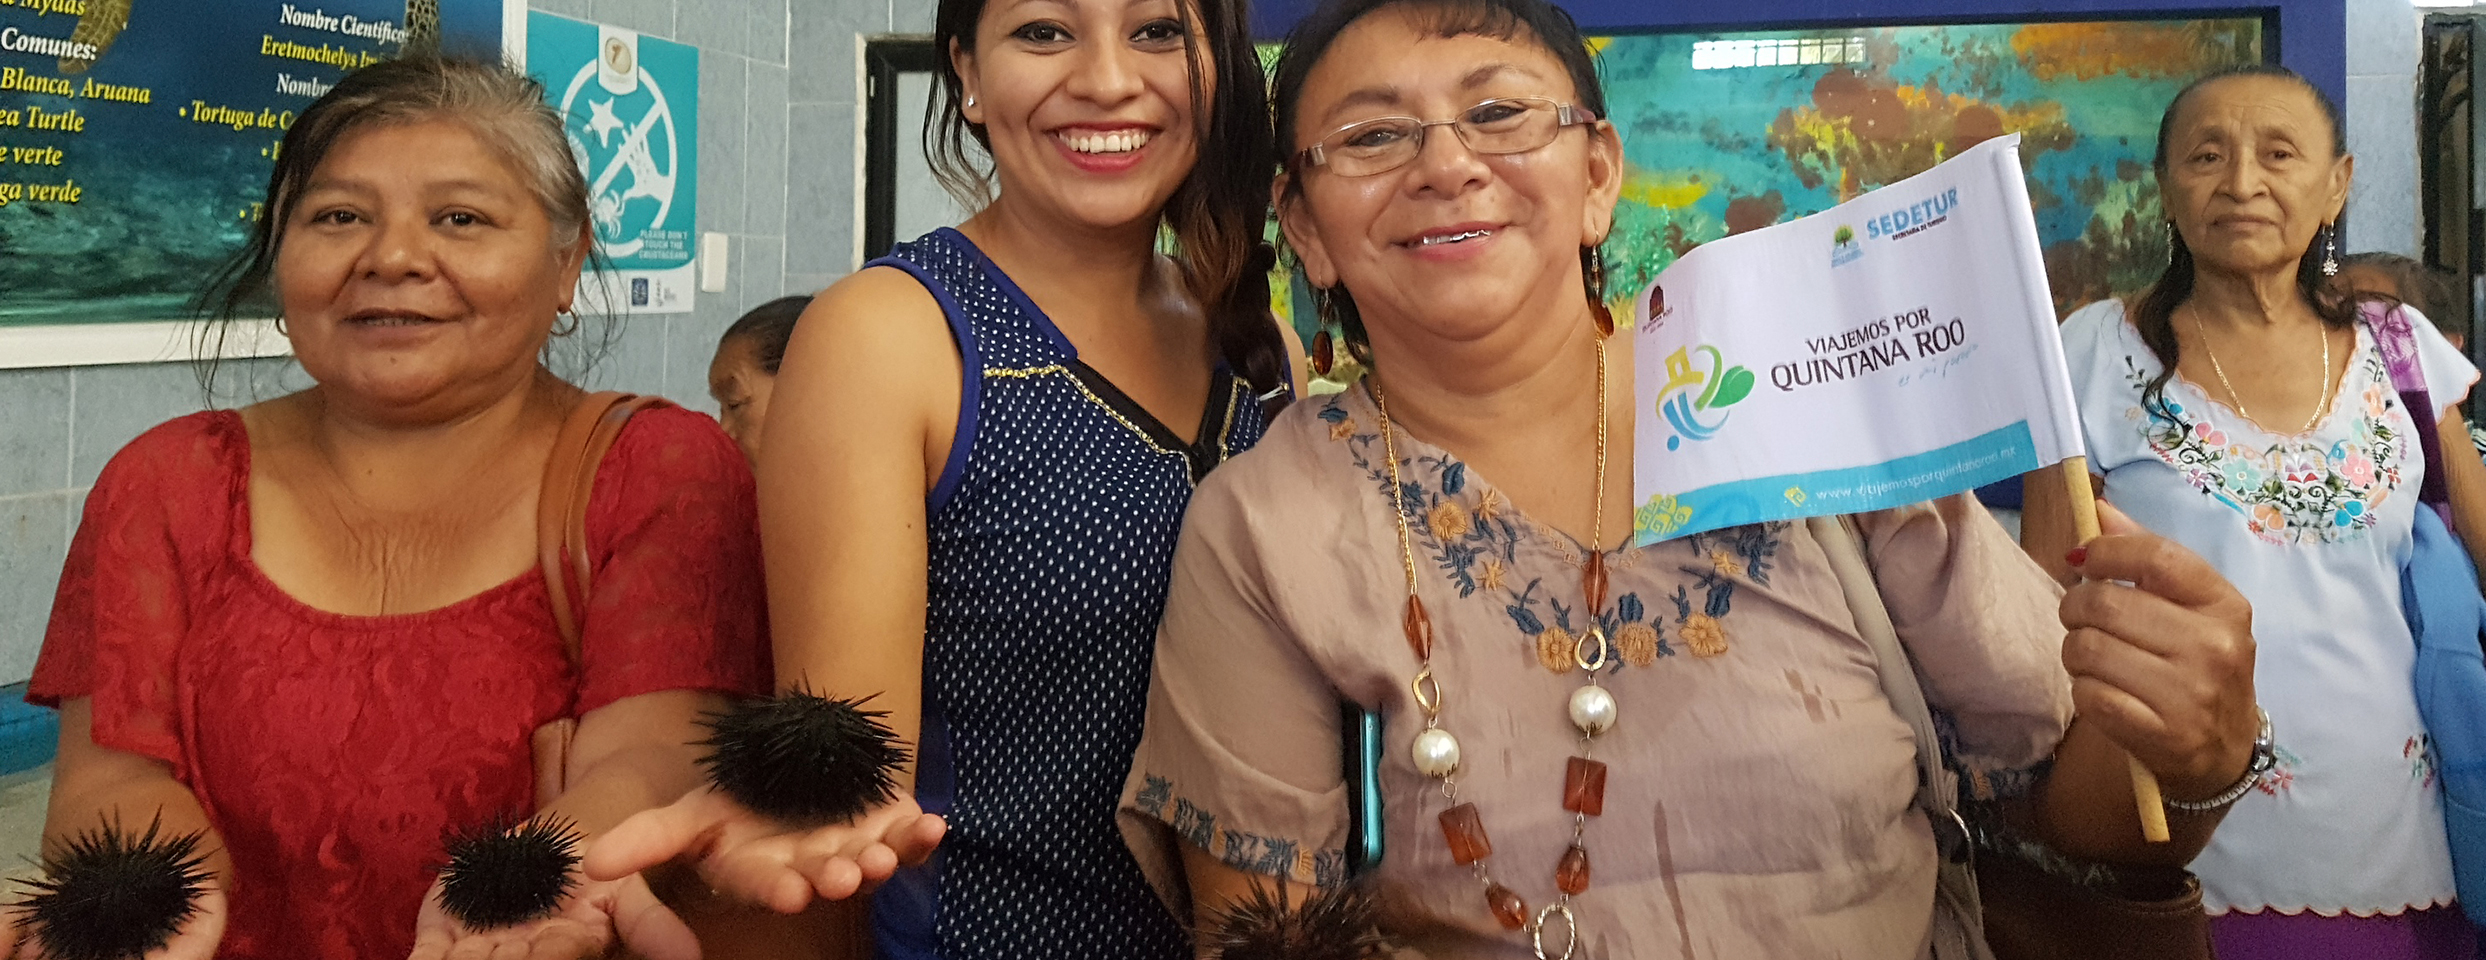 Carlos Joaquín Gobernador de Quintana Roo: Viajemos por Quintana Roo